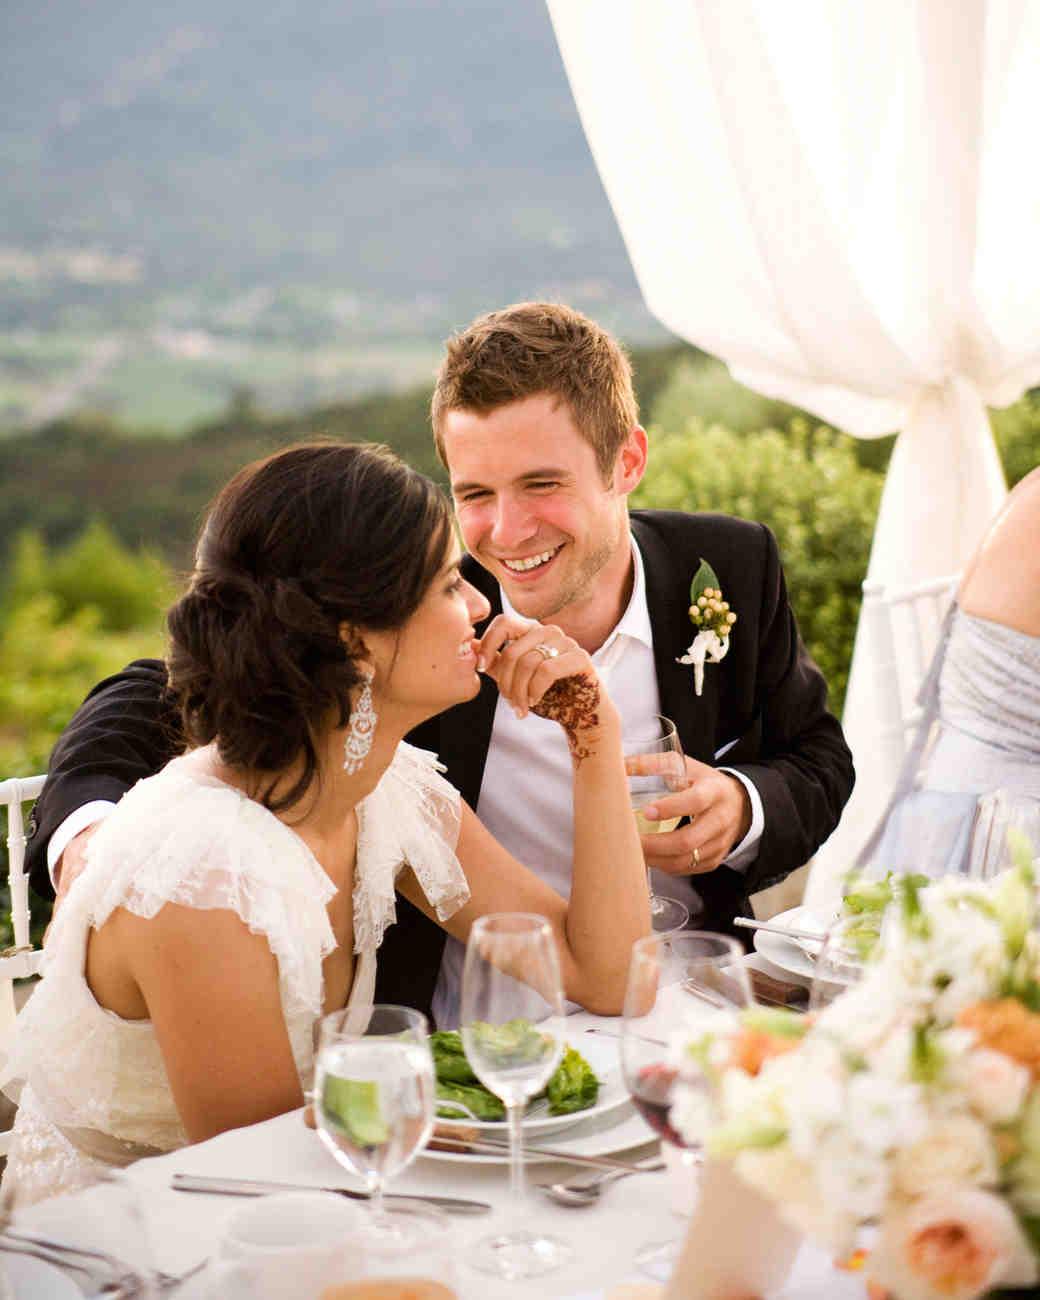 real-weddings-gairu-daniel-0611gd1640.jpg